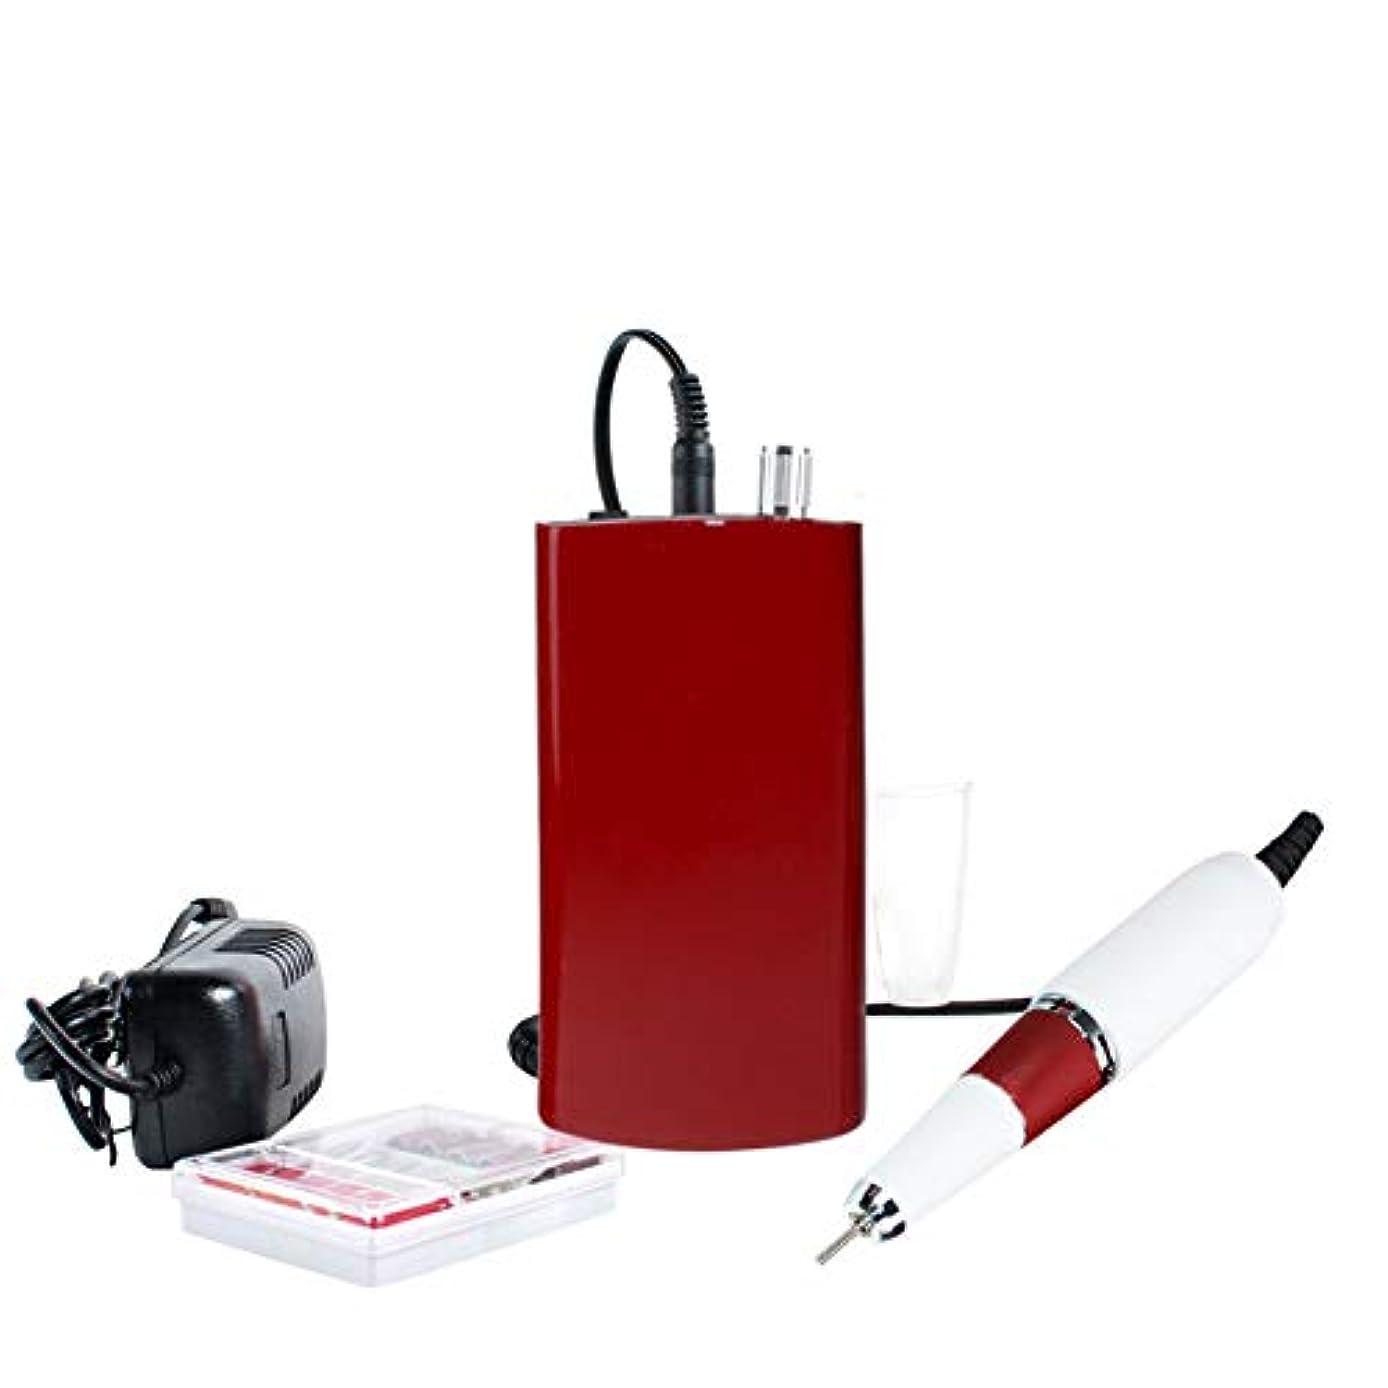 施し急行する落とし穴30000 rpm電動ネイルアートドリルマシンアートサロンマニキュアツール電動研磨機ネイルパワードリル、110-240ボルト,Red